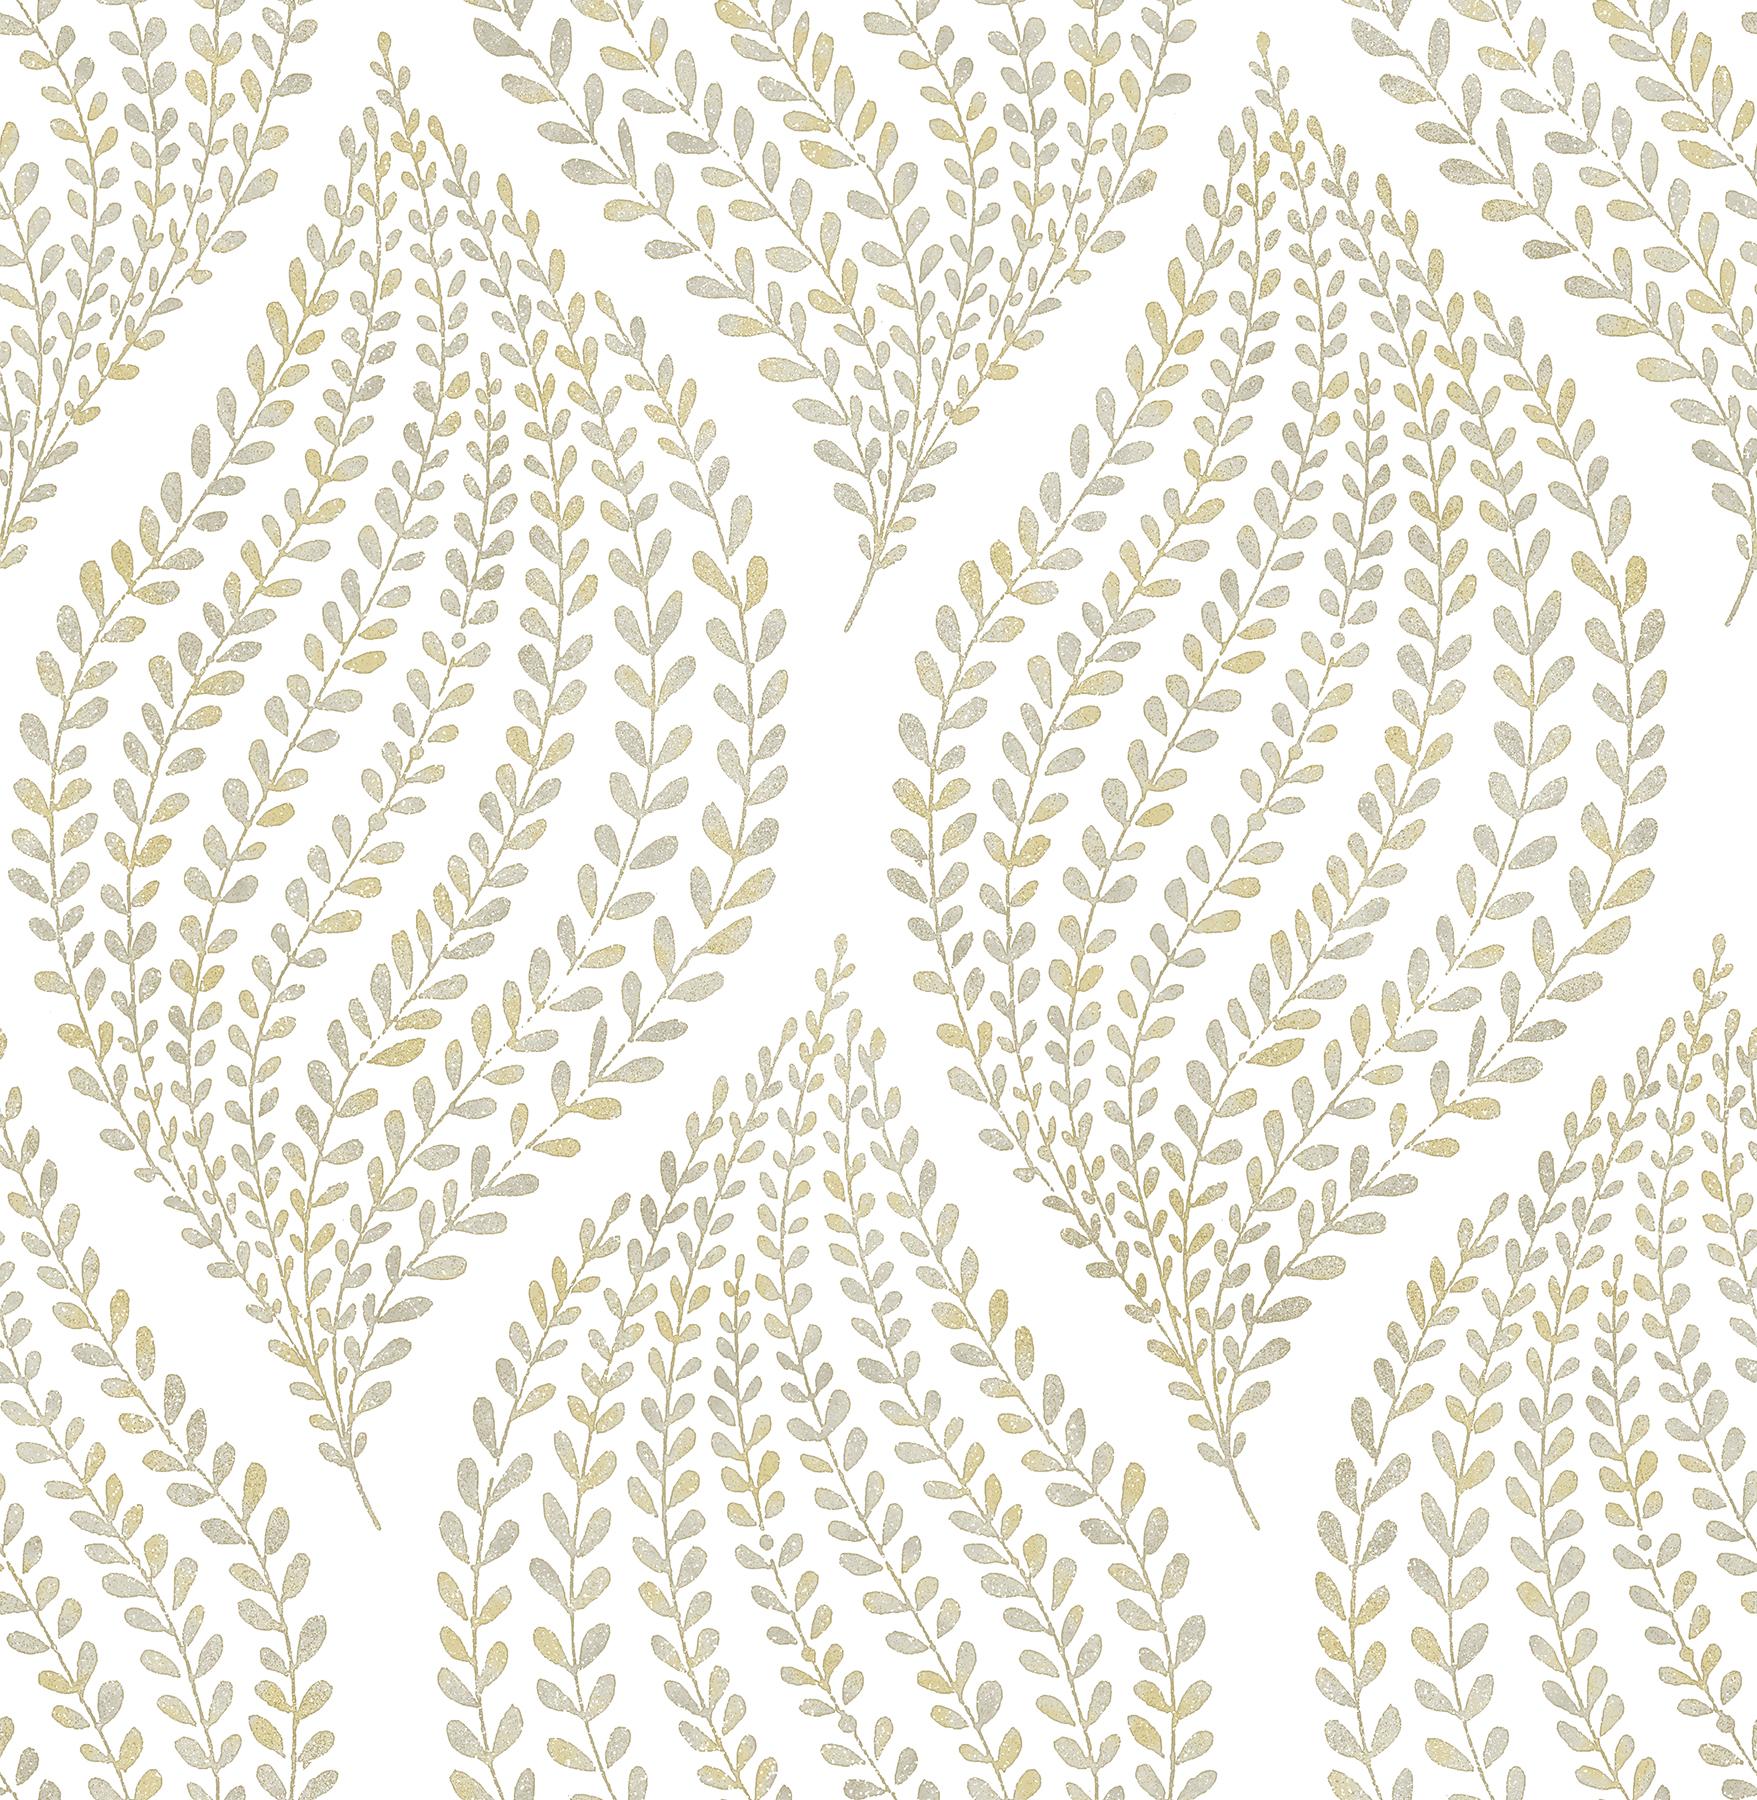 Picture of Arboretum Honey Leaves Wallpaper